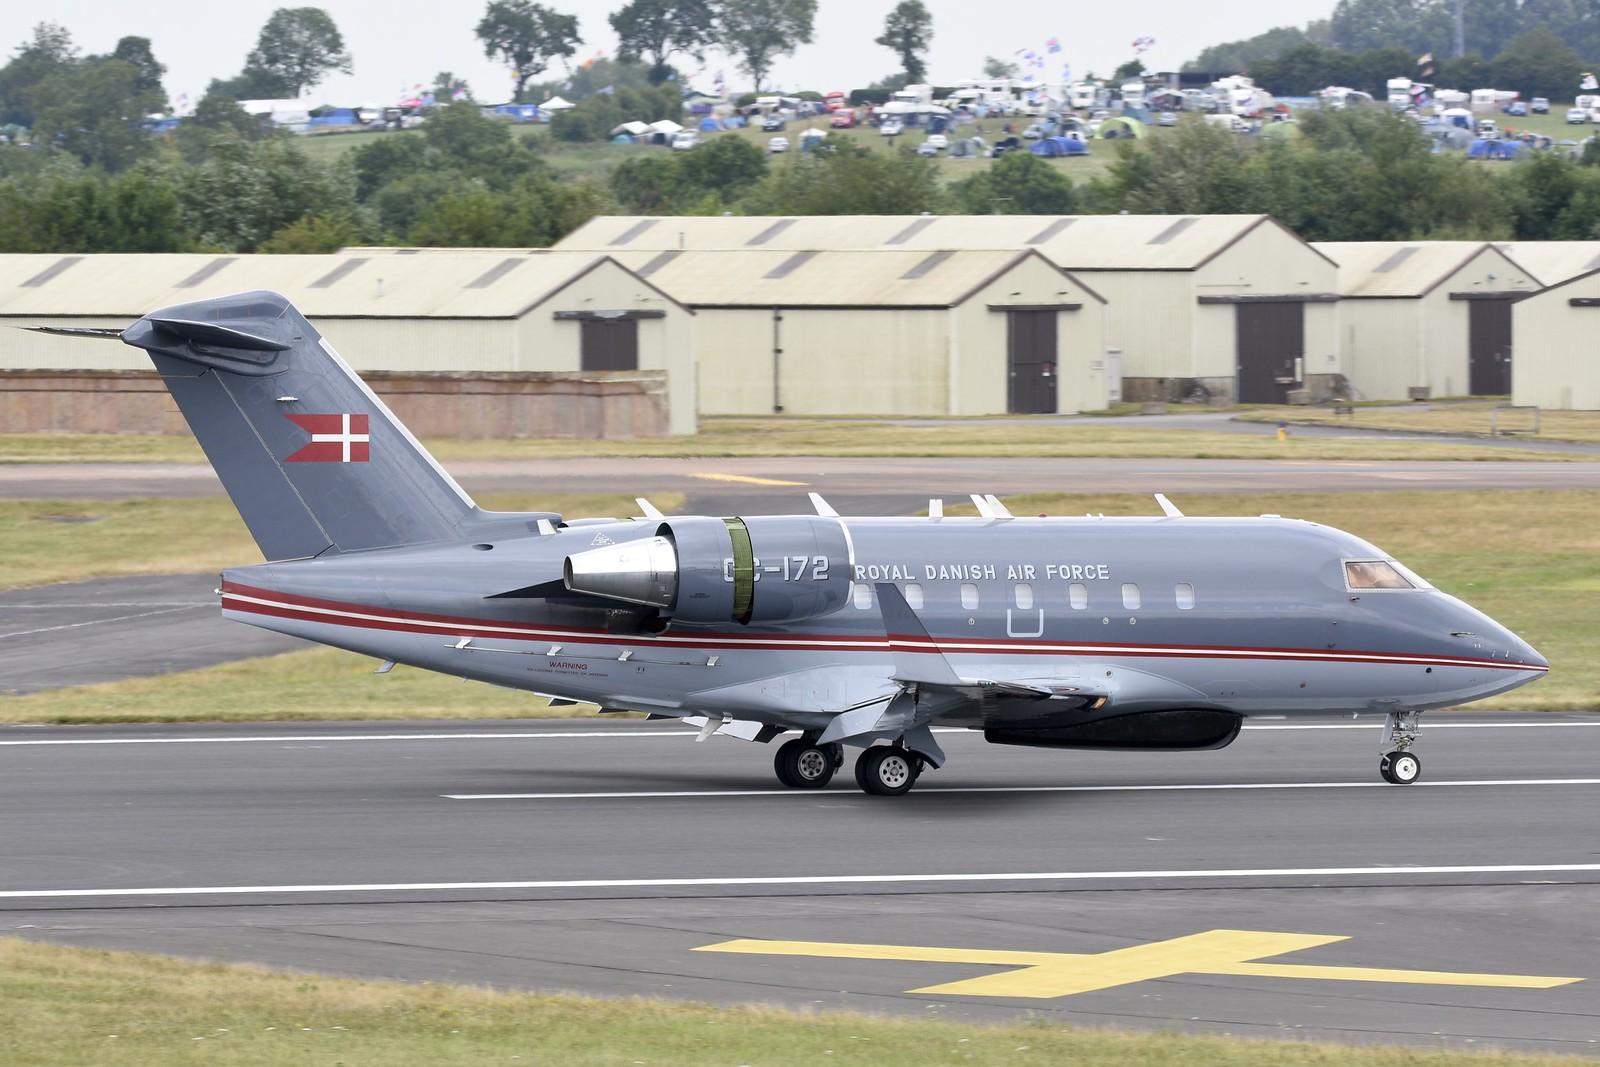 Tранспортни авиони 19122274454_2ad9ffcf06_h